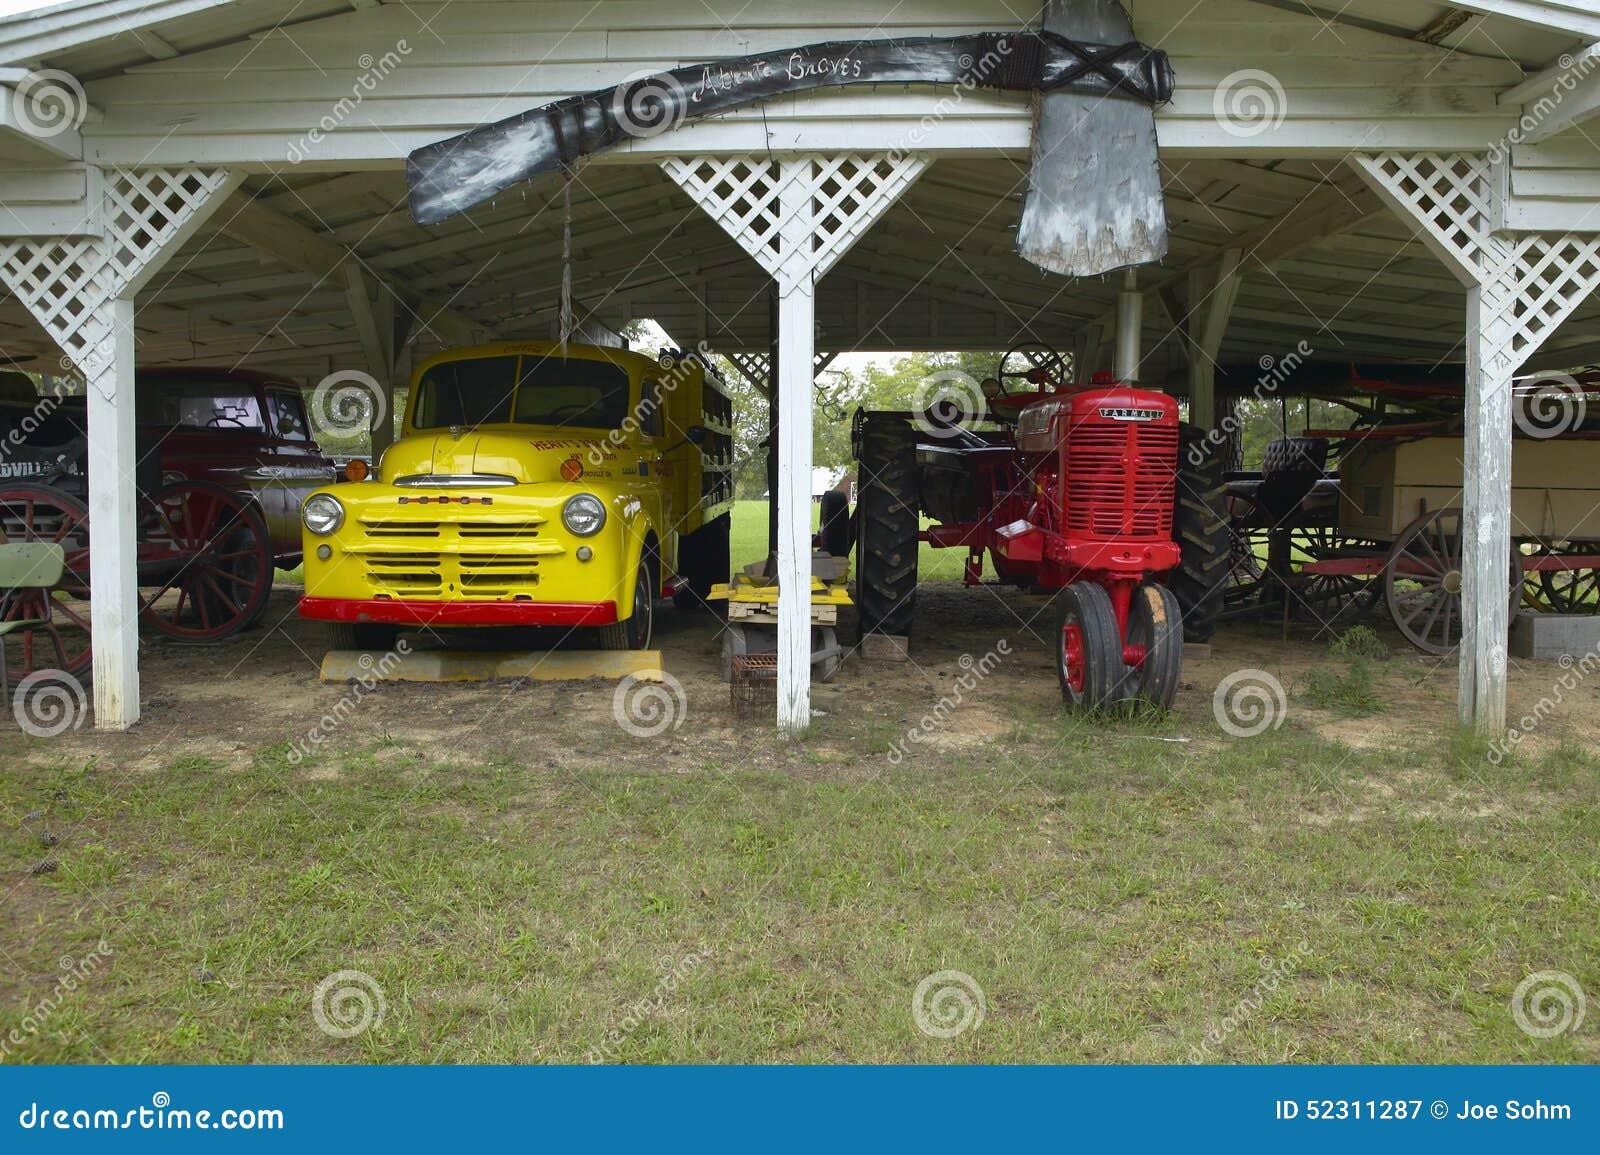 Alter dodge lkw und traktor in einer garage entlang